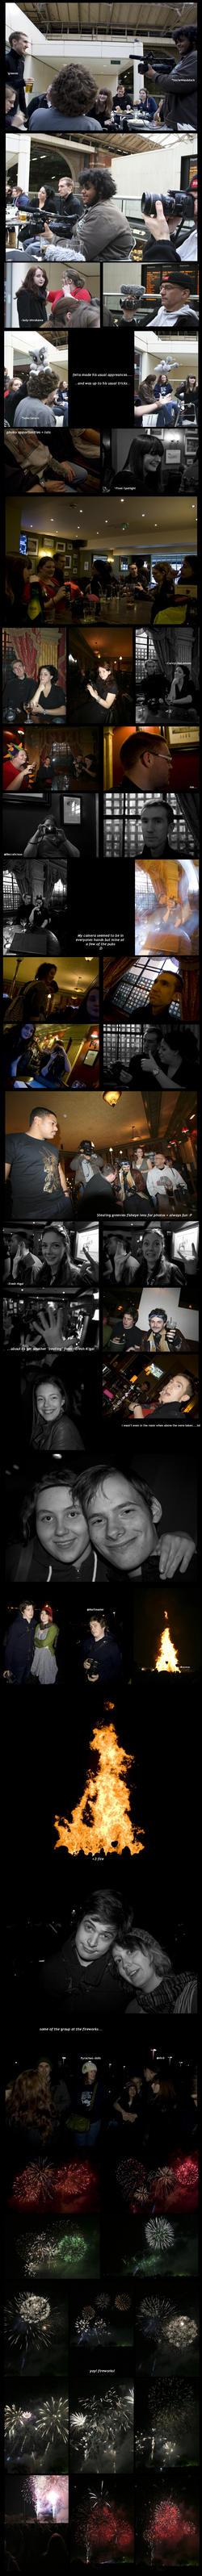 Bonfire DevMeet 2010 by dusty-hacker